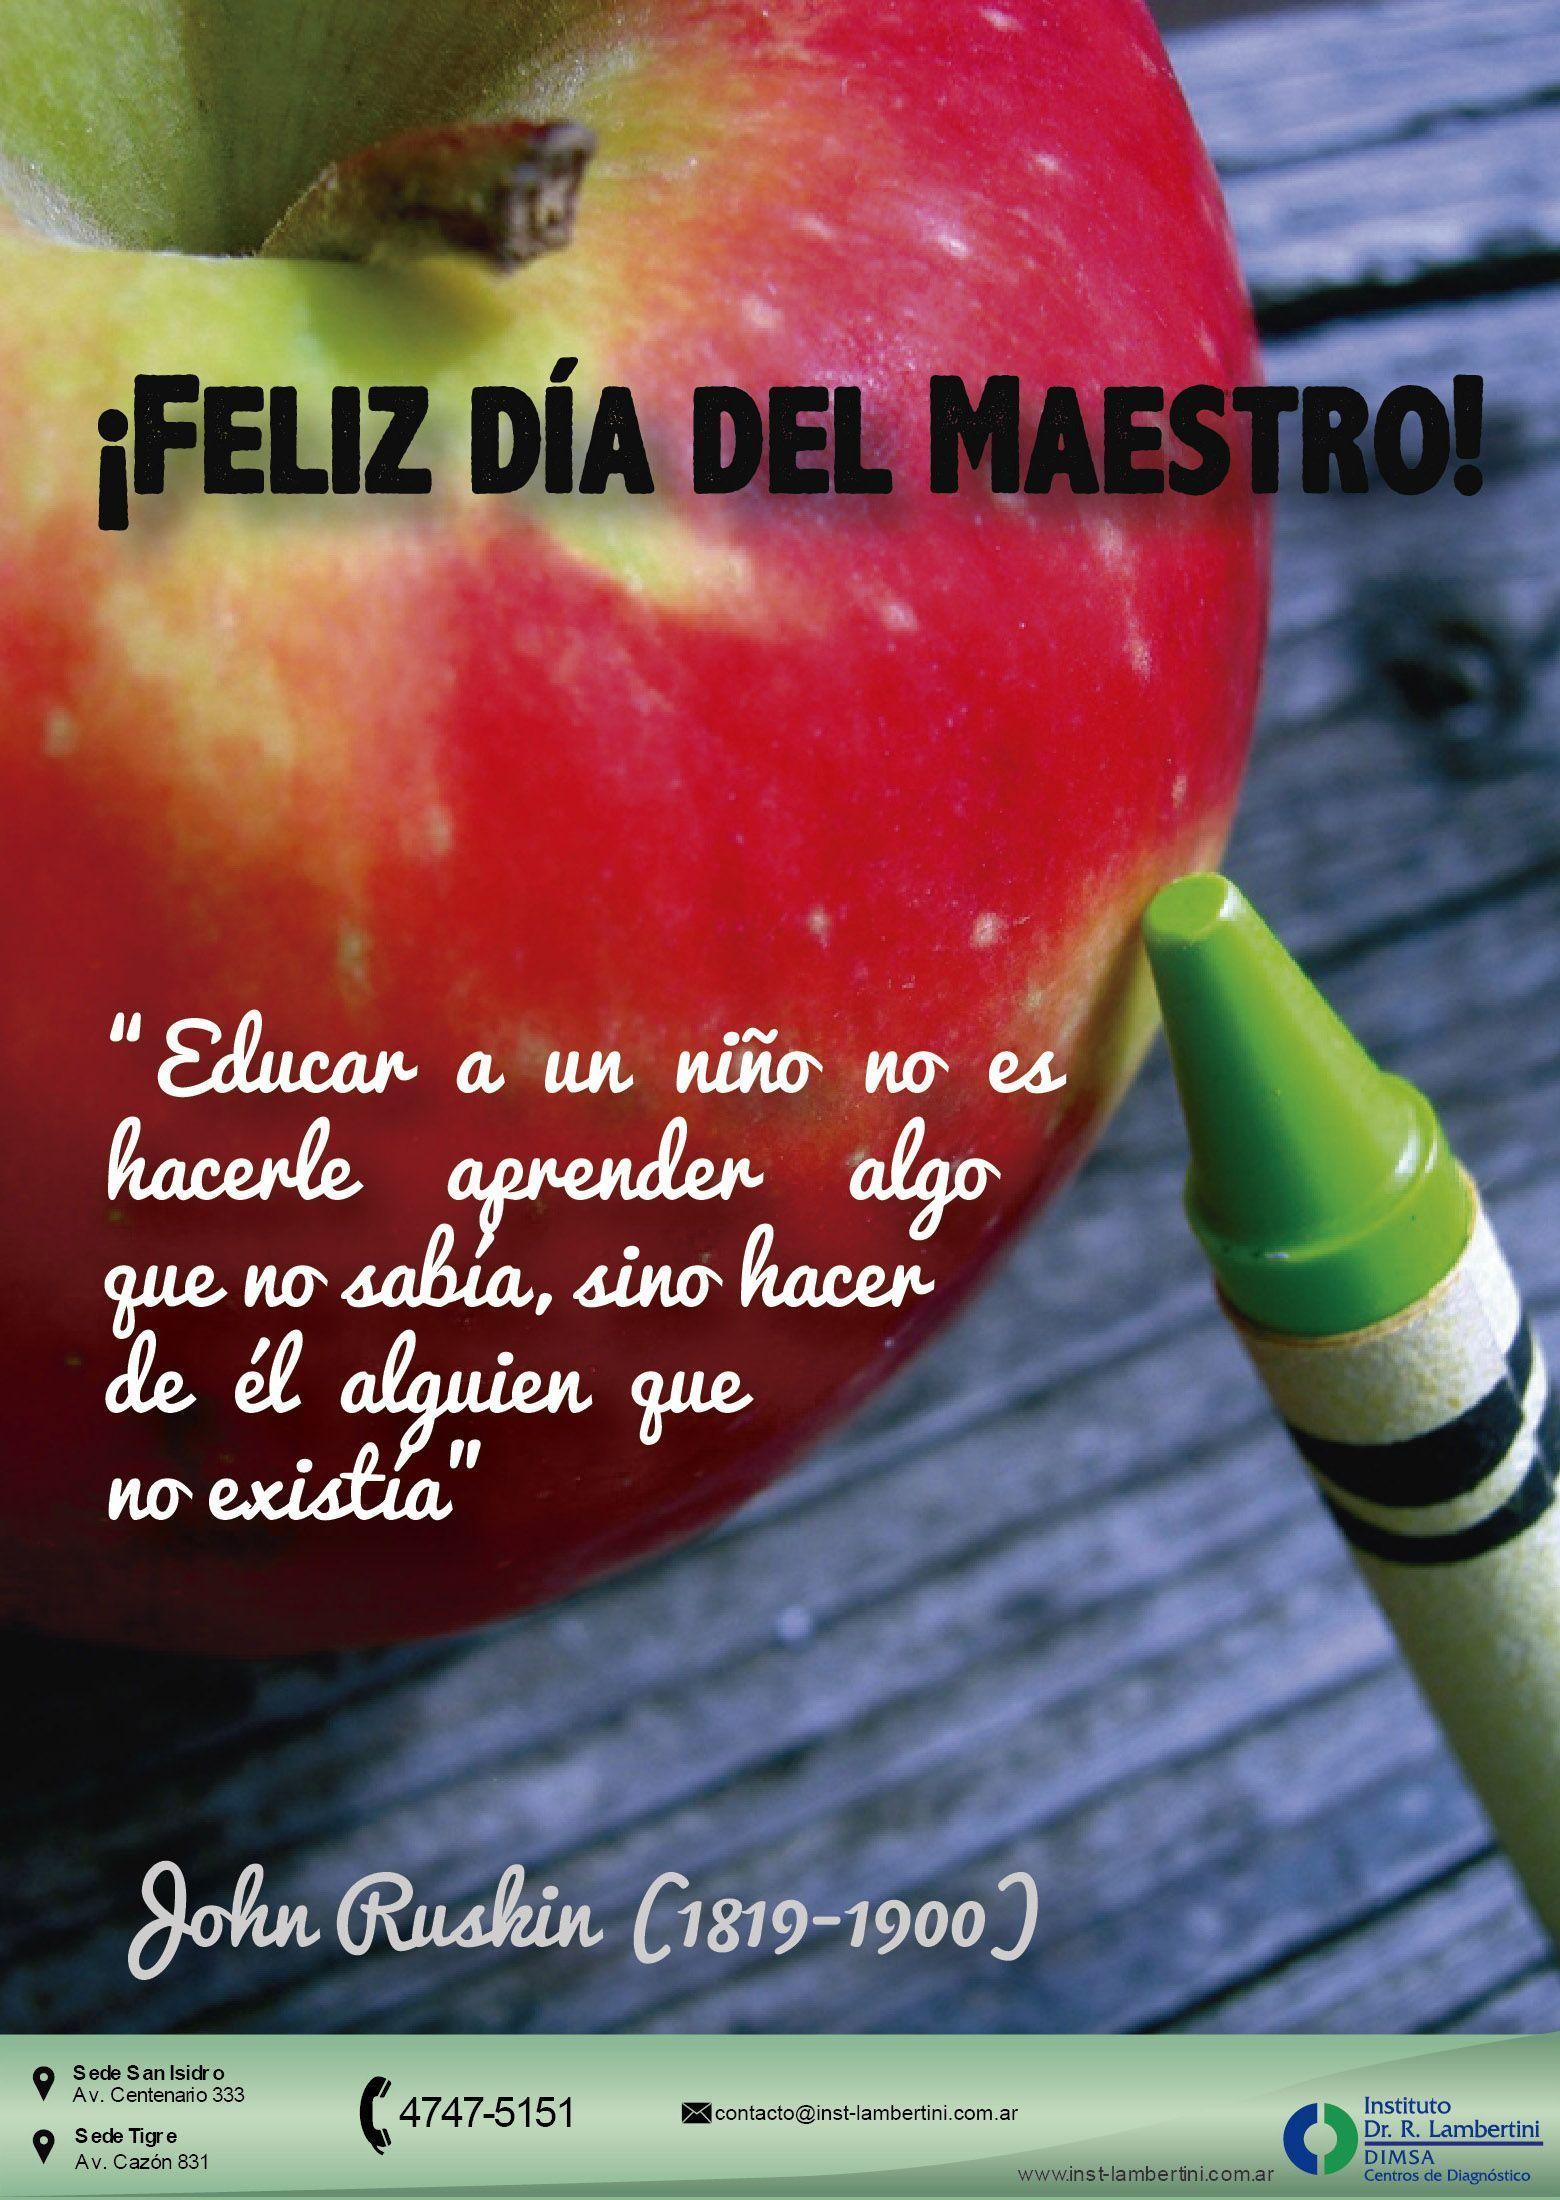 """Feliz día del MAESTRO Como cada 11 de septiembre, se celebra hoy el Día del Maestro en nuestro país y todo Latinoamérica. La fecha, es un homenaje """"al padre del aula"""", Domingo Faustino Sarmiento. Queremos agradecer a estos prestigiosos profesionales ya que con su dedicación y amor ayudan a crear un mundo mejor para todos. #díadelmaestro #educación www.inst-lambertini.com.ar #diadelmaestro Feliz día del MAESTRO Como cada 11 de septiembre, se celebra hoy el Día del Maestro en nuestr #diadelmaestro"""